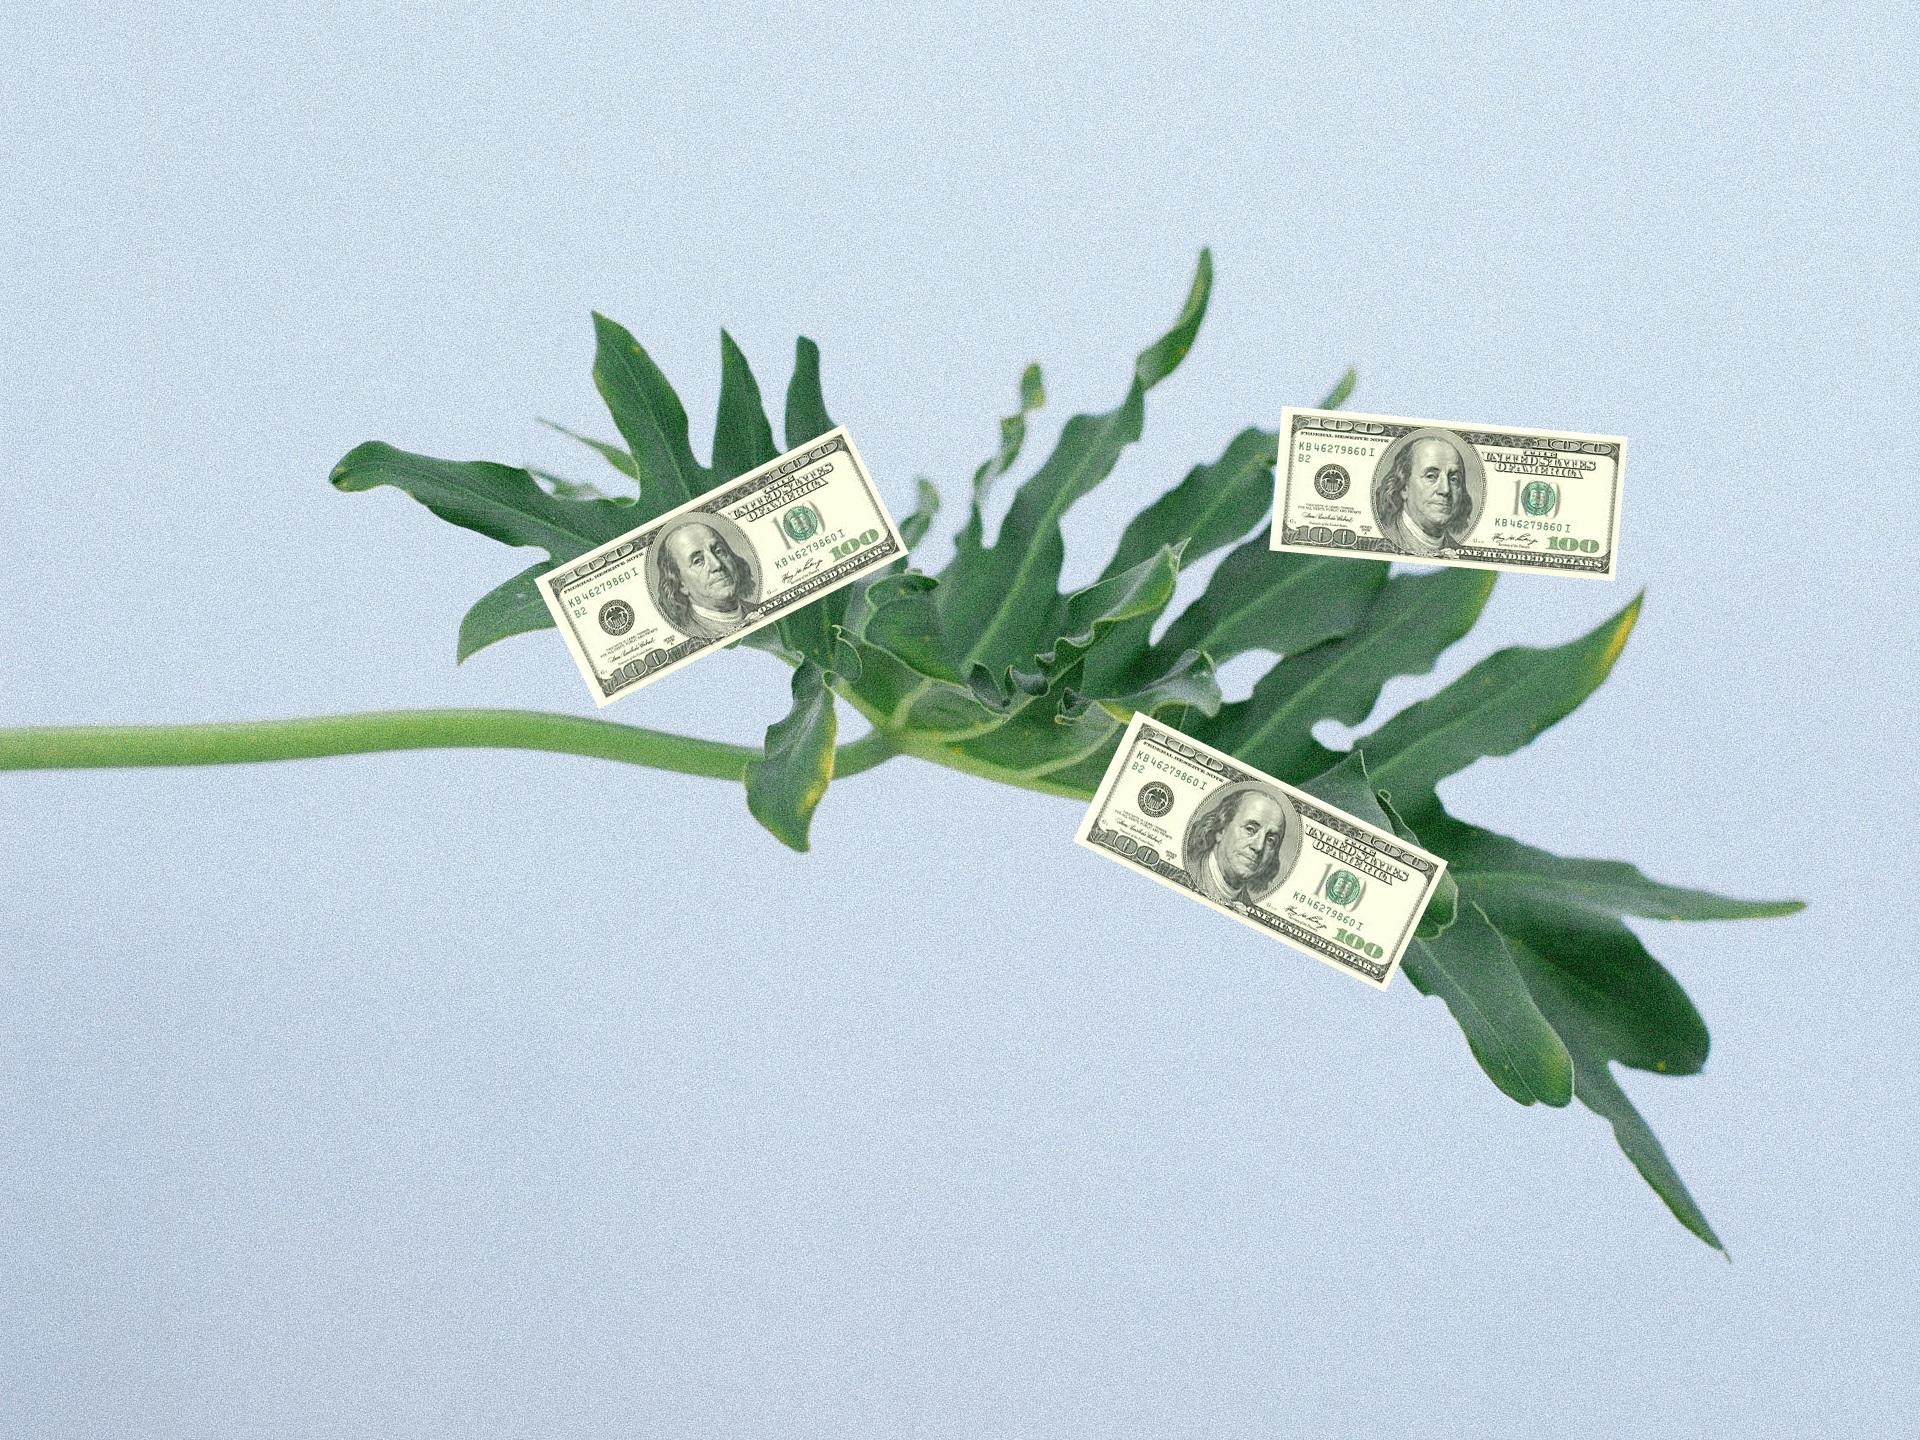 Three $100 dollar bills growing from a tropical plant leaf.